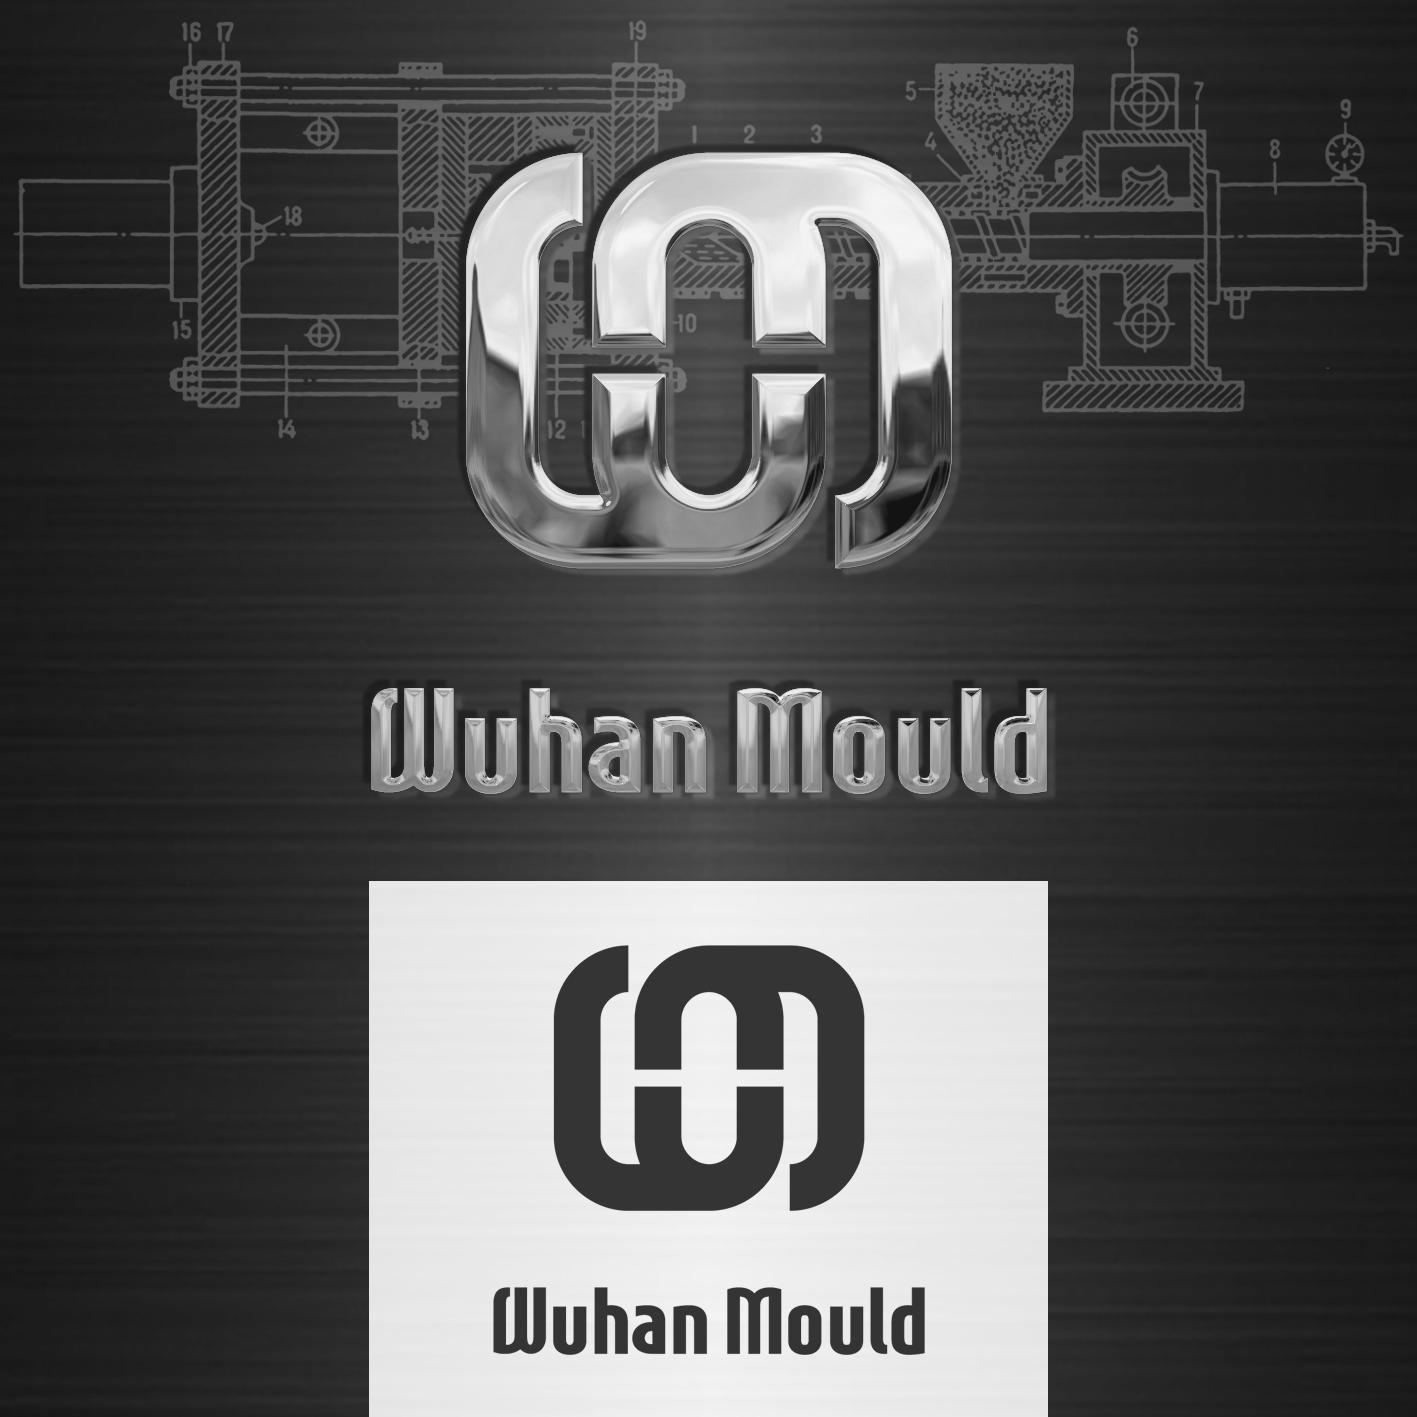 Создать логотип для фабрики пресс-форм фото f_210598b890519736.png